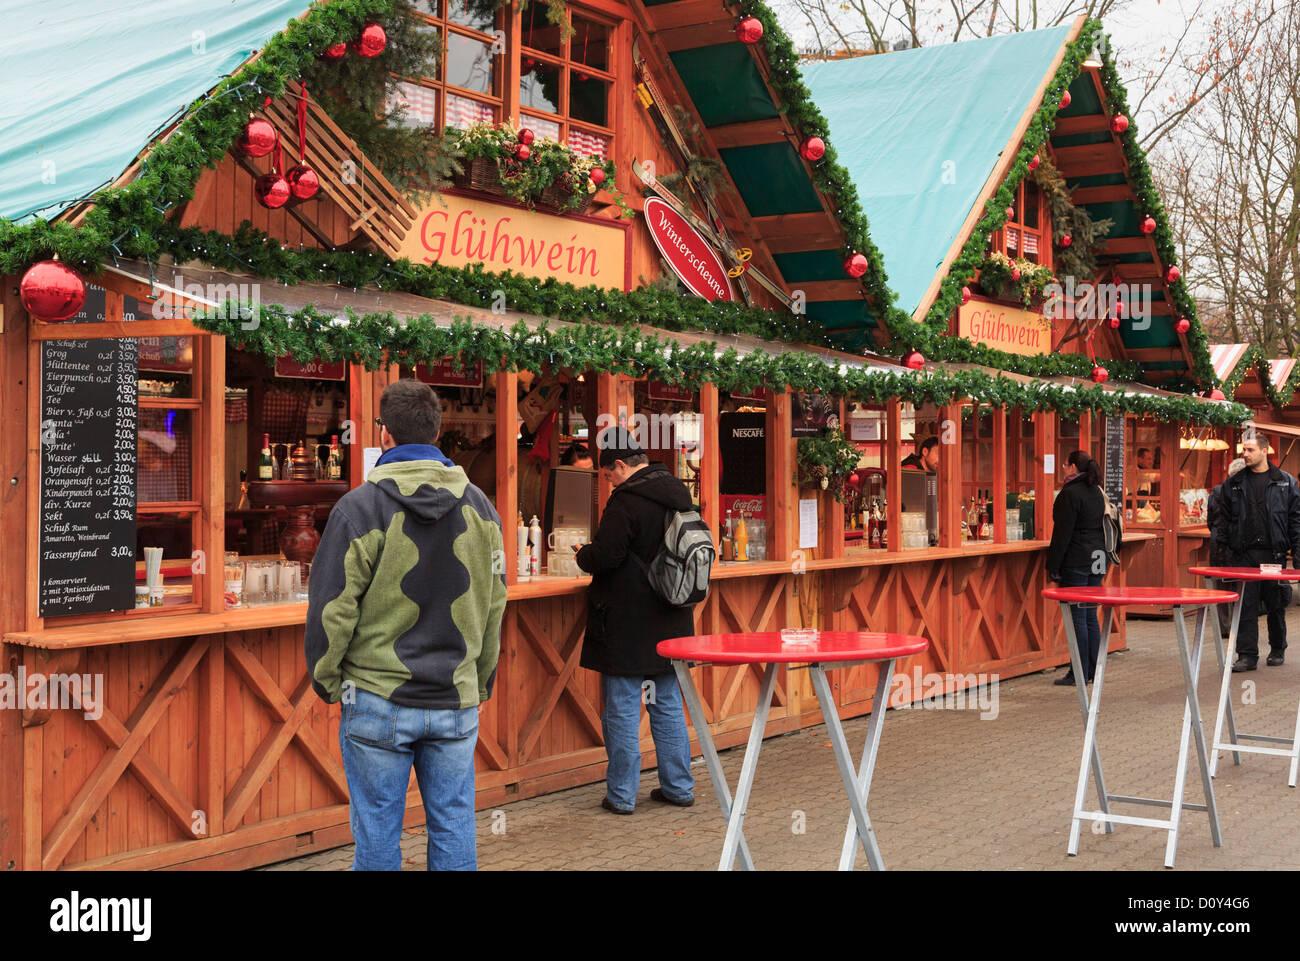 Kunden auf einem Weihnachtsmarkt stall verkaufen Getränke und ...